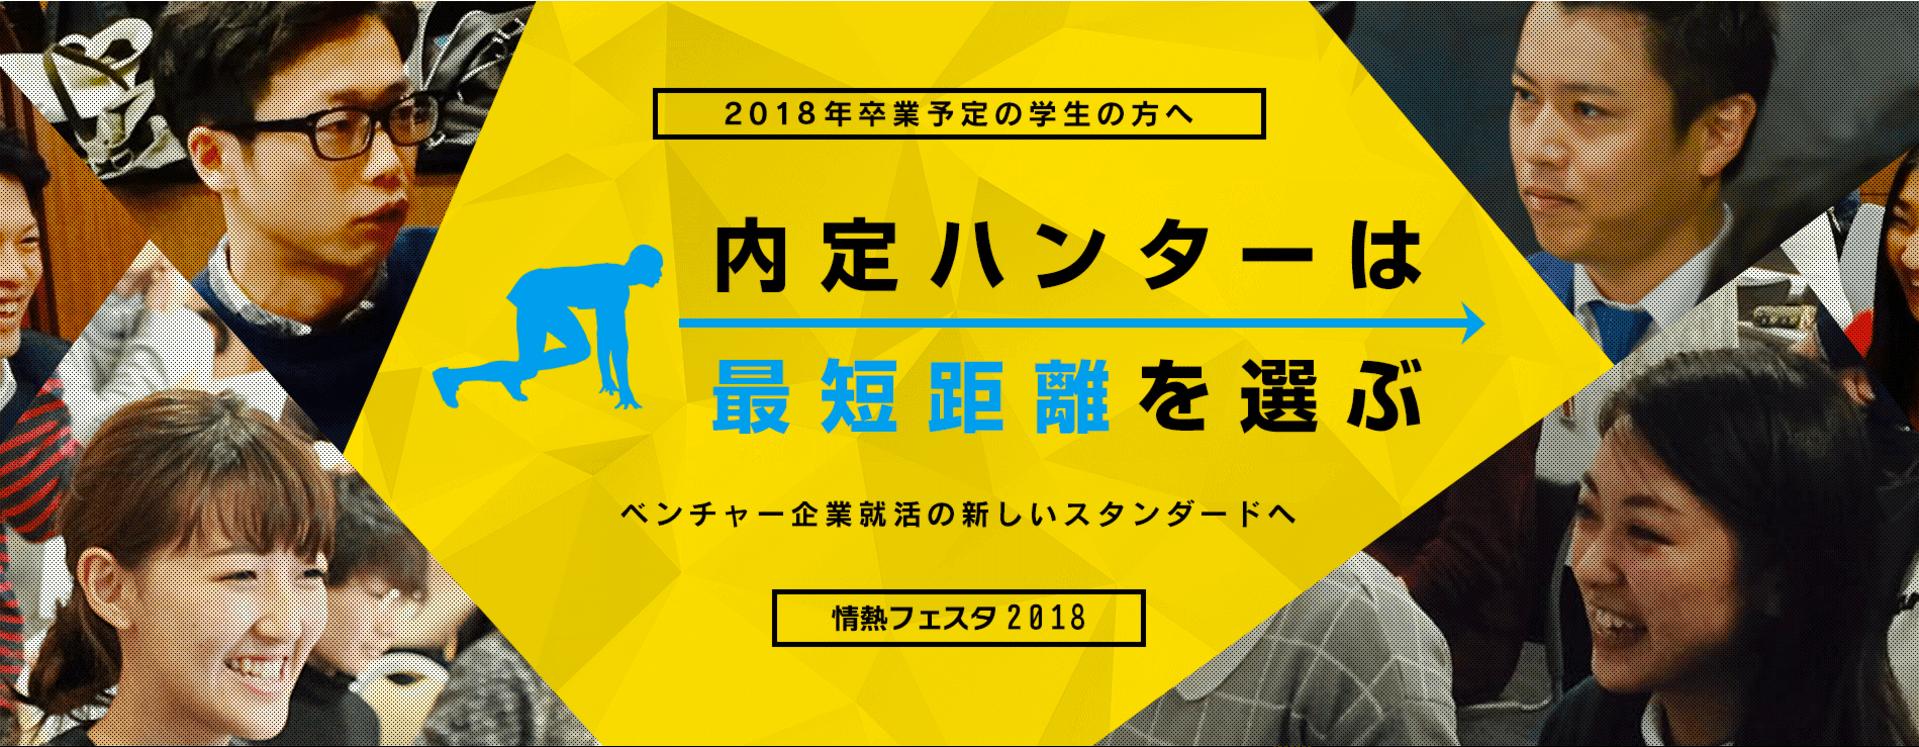 """情熱フェスタ2018予約開始! """"内定ハンターは最短距離を選ぶ"""""""